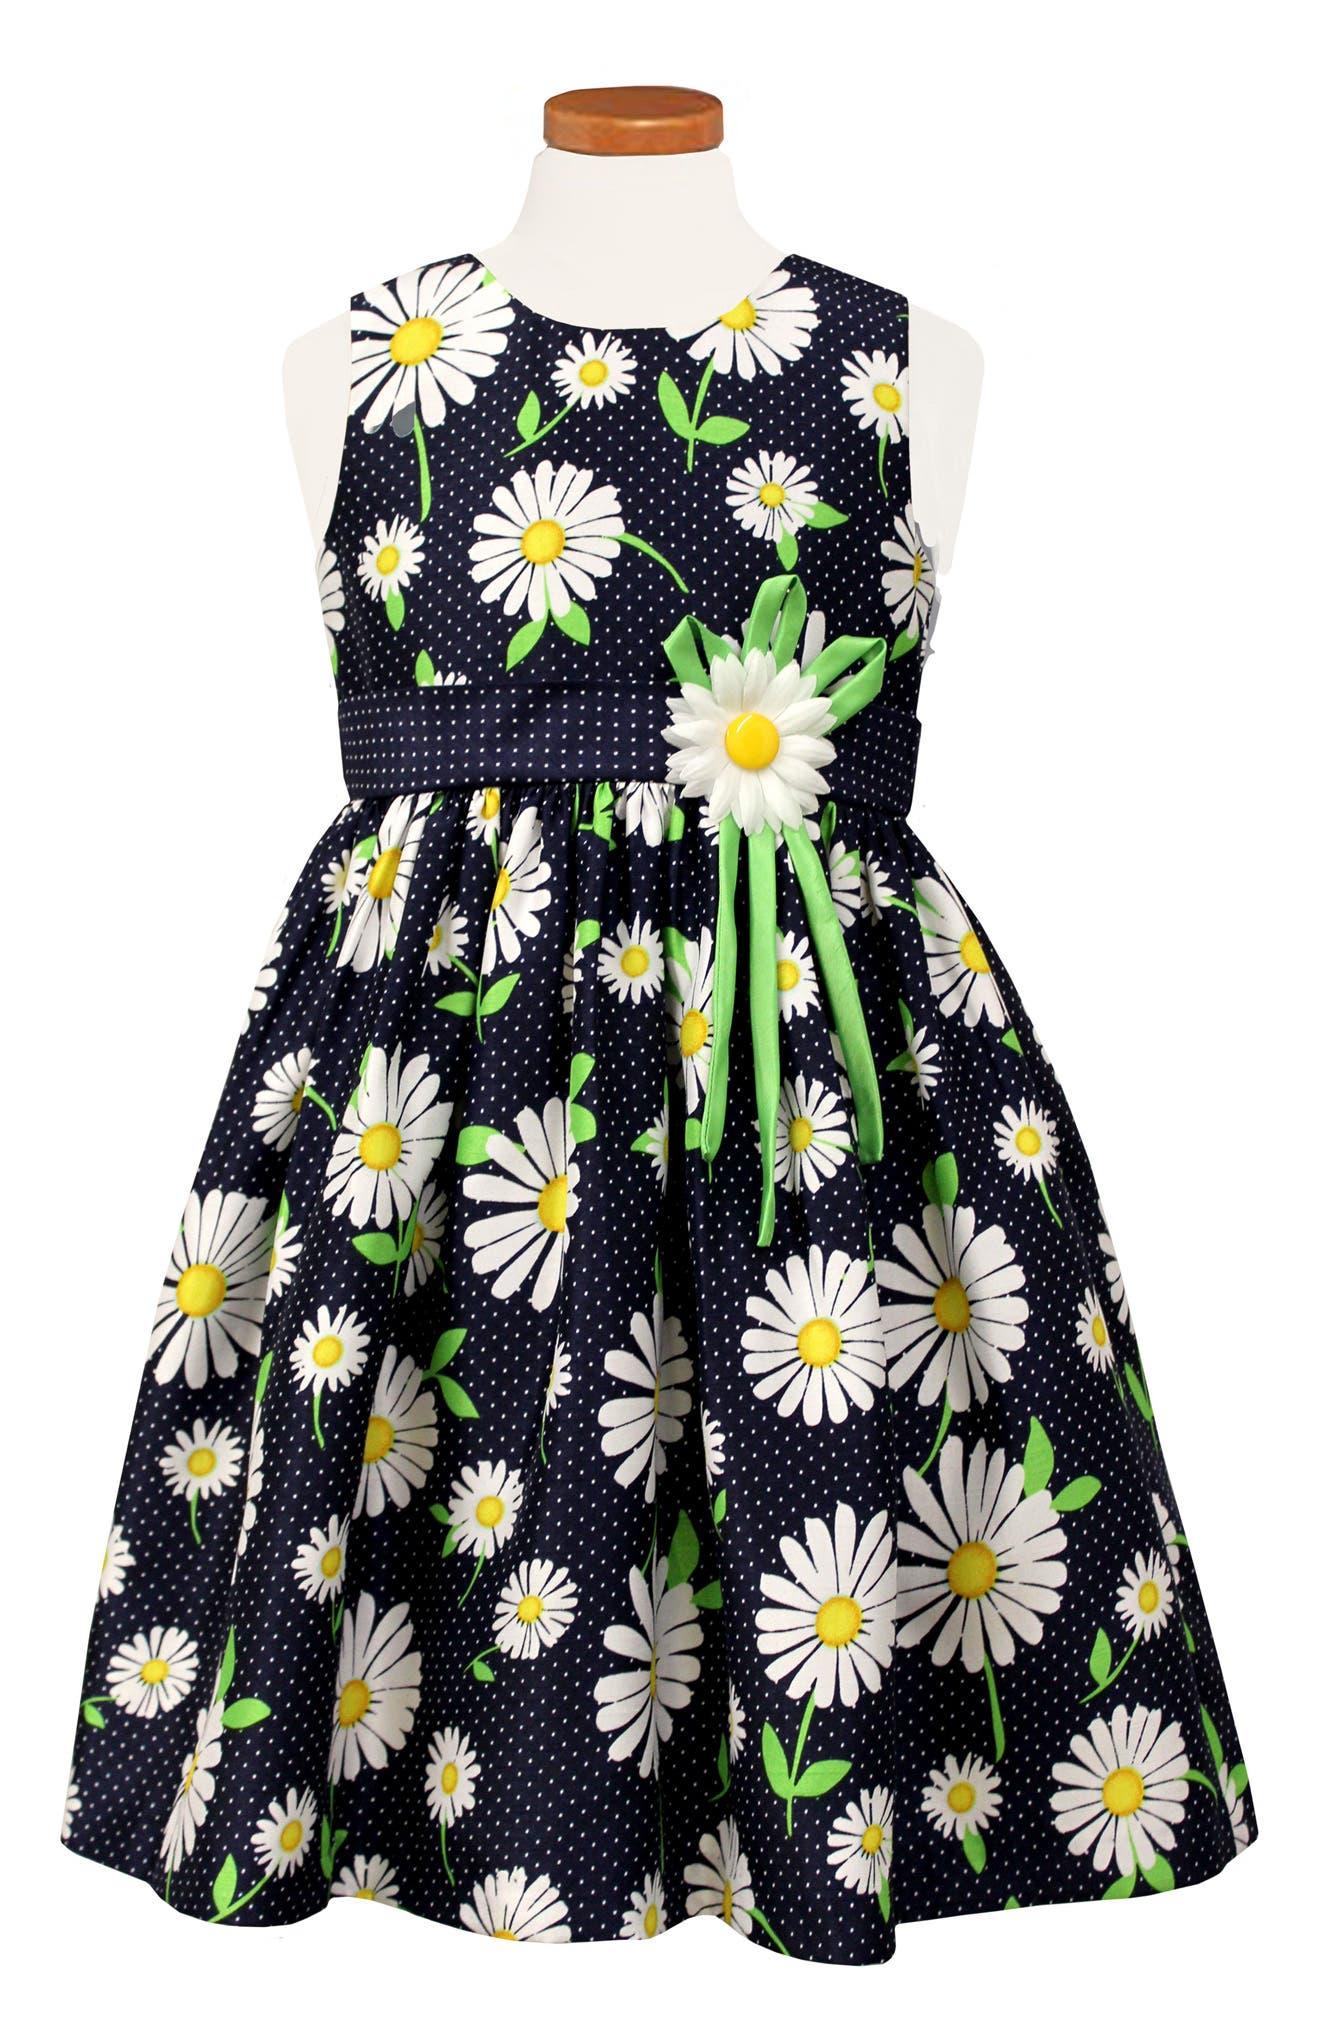 Alternate Image 1 Selected - Sorbet Floral Print Sleeveless Dress (Toddler Girls & Little Girls)